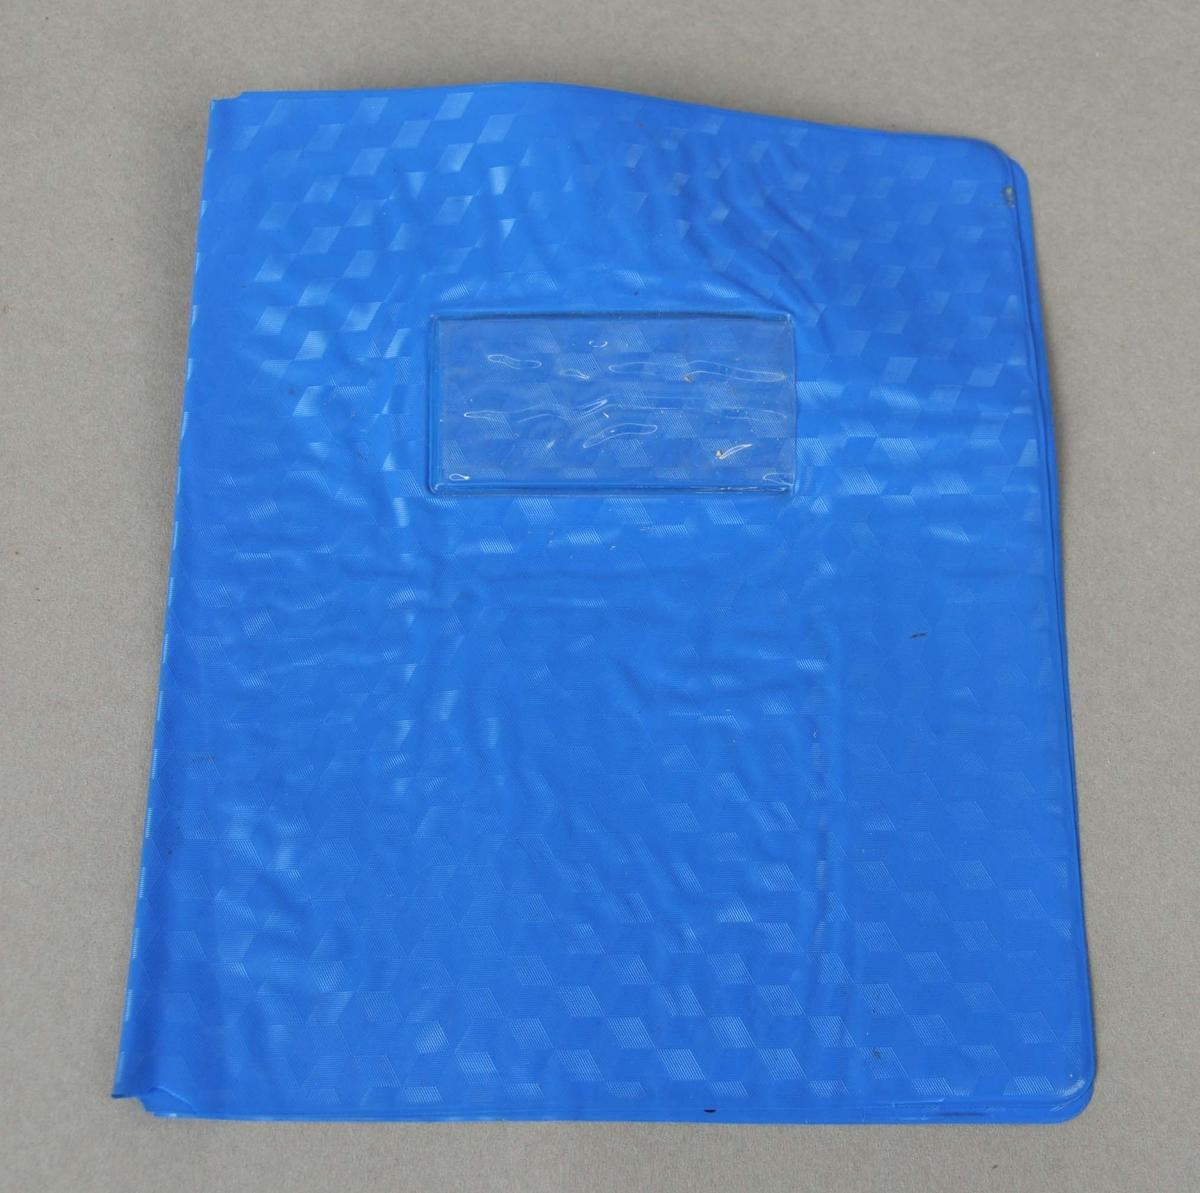 Bokbind i blå plast. Truleg til ei kladdebok/skrivebok (A5 format). Lomme av klar  plast på framsida til å stikke ein merkelapp inn i.